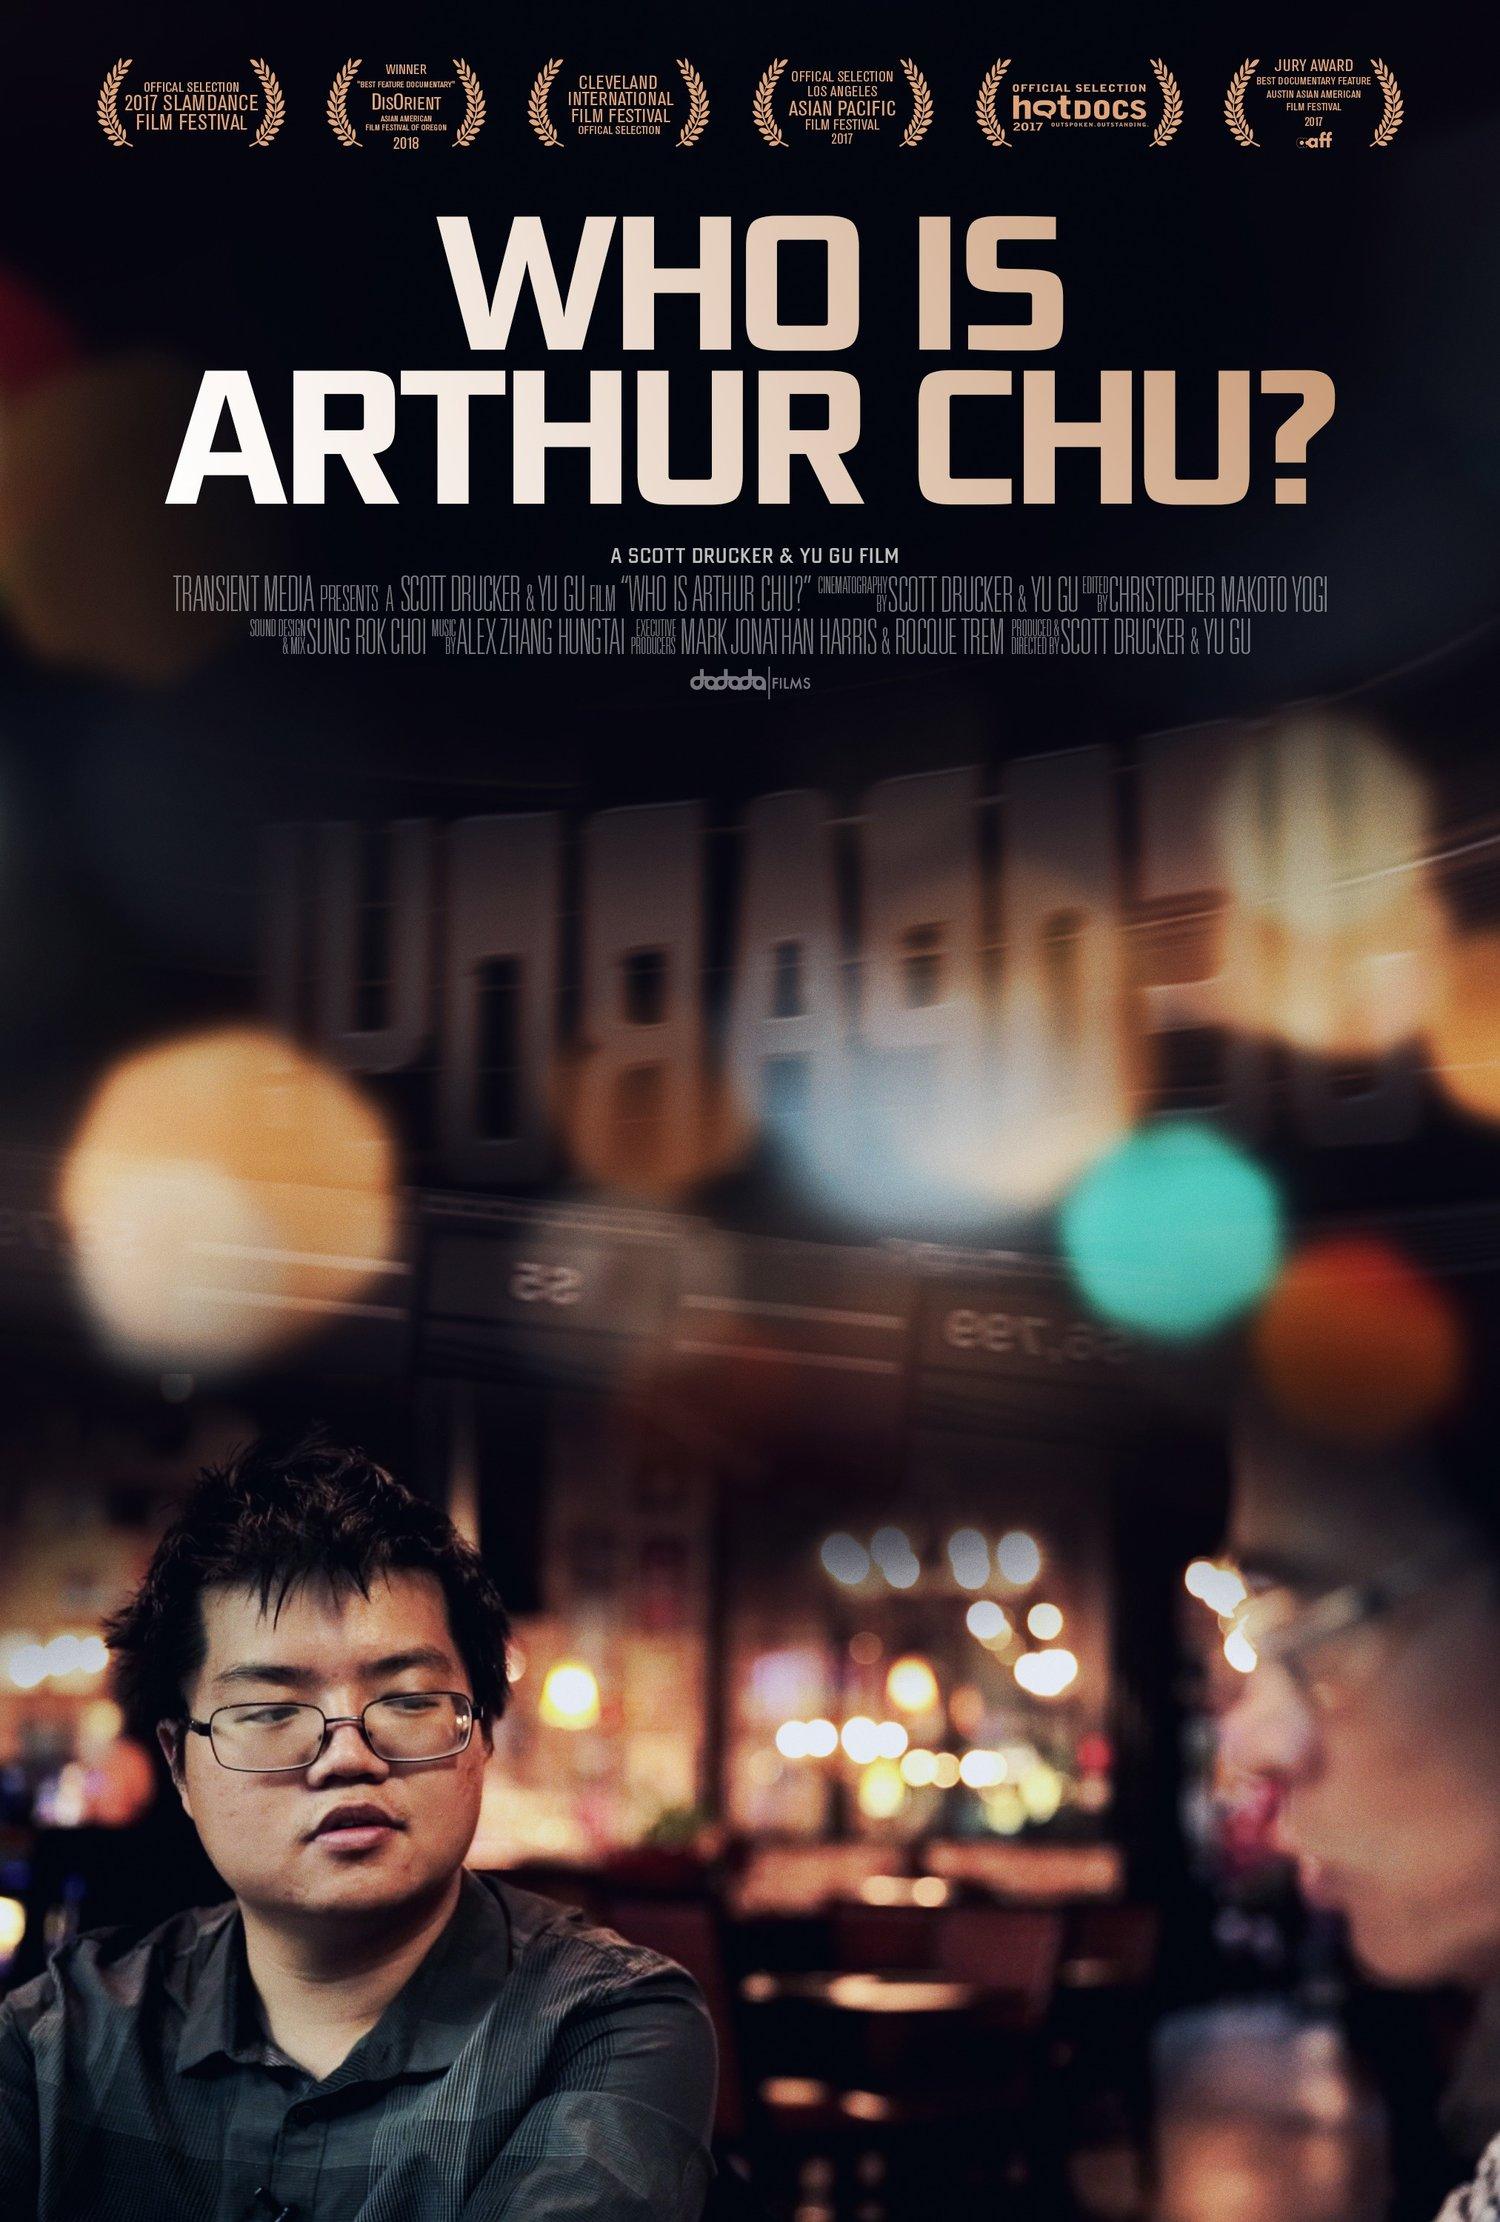 Documentary Film - Who is Arthur Chu?